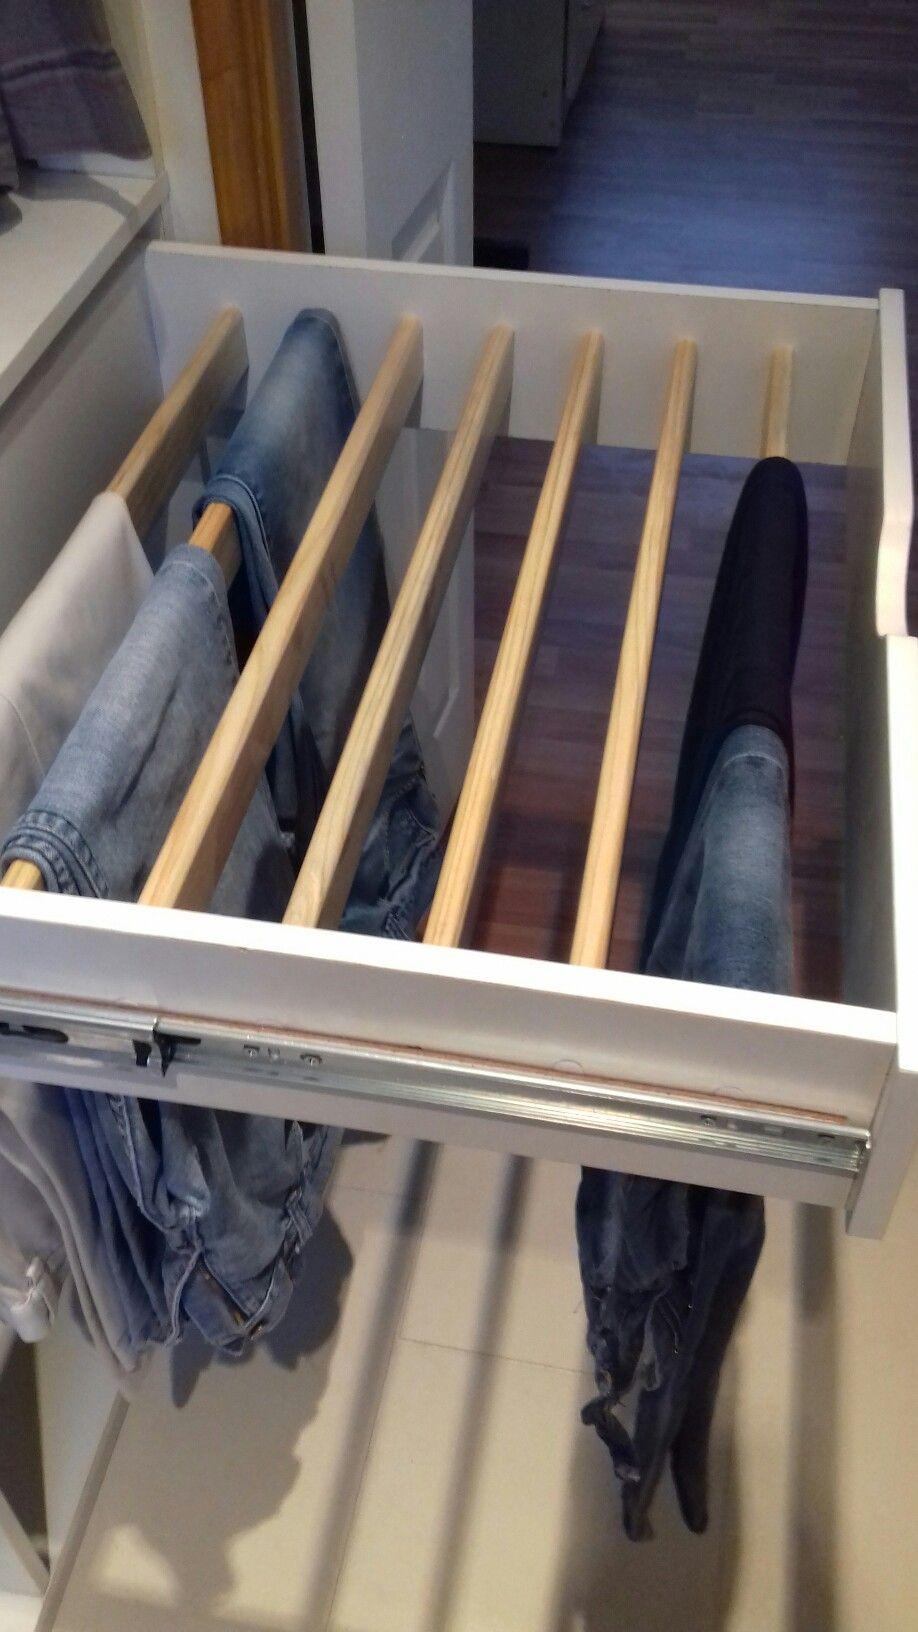 Colgador Para Pantalones Diseno De Closet Armario De Ropa Muebles De Entrada